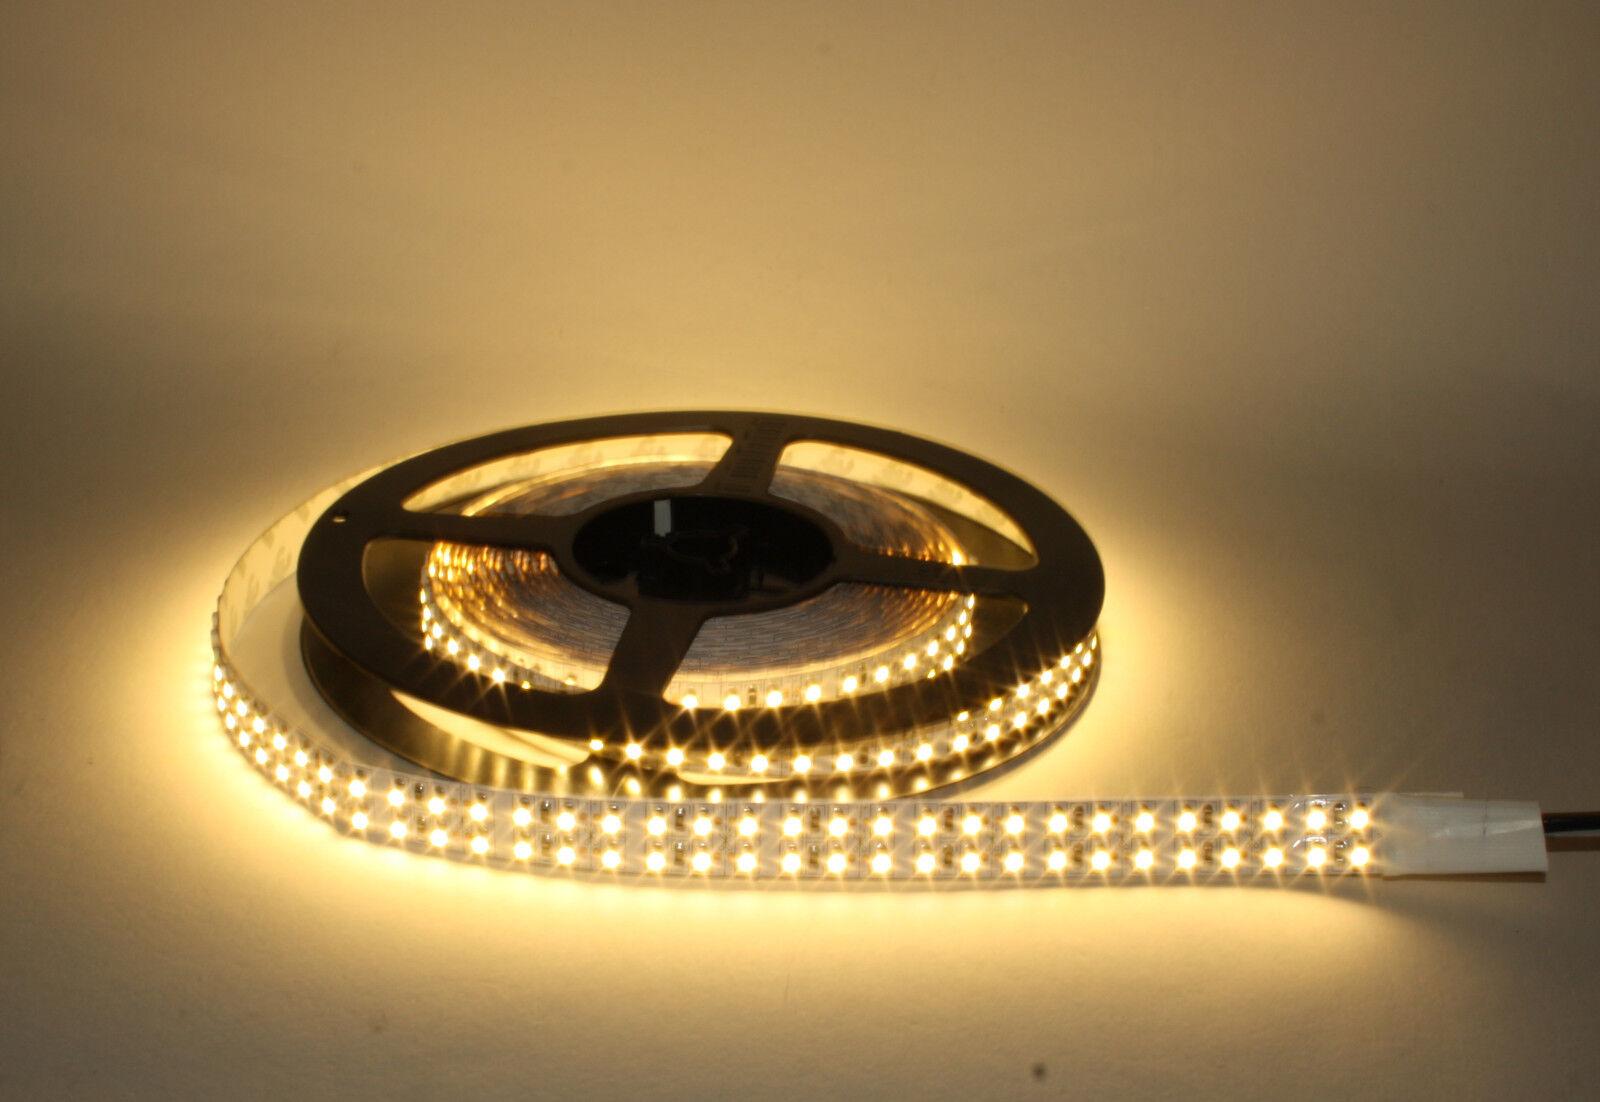 Guirlande lumineuse Baguette indirecte Lumière éclairage éclairage Lumière pour intérieur 686d94